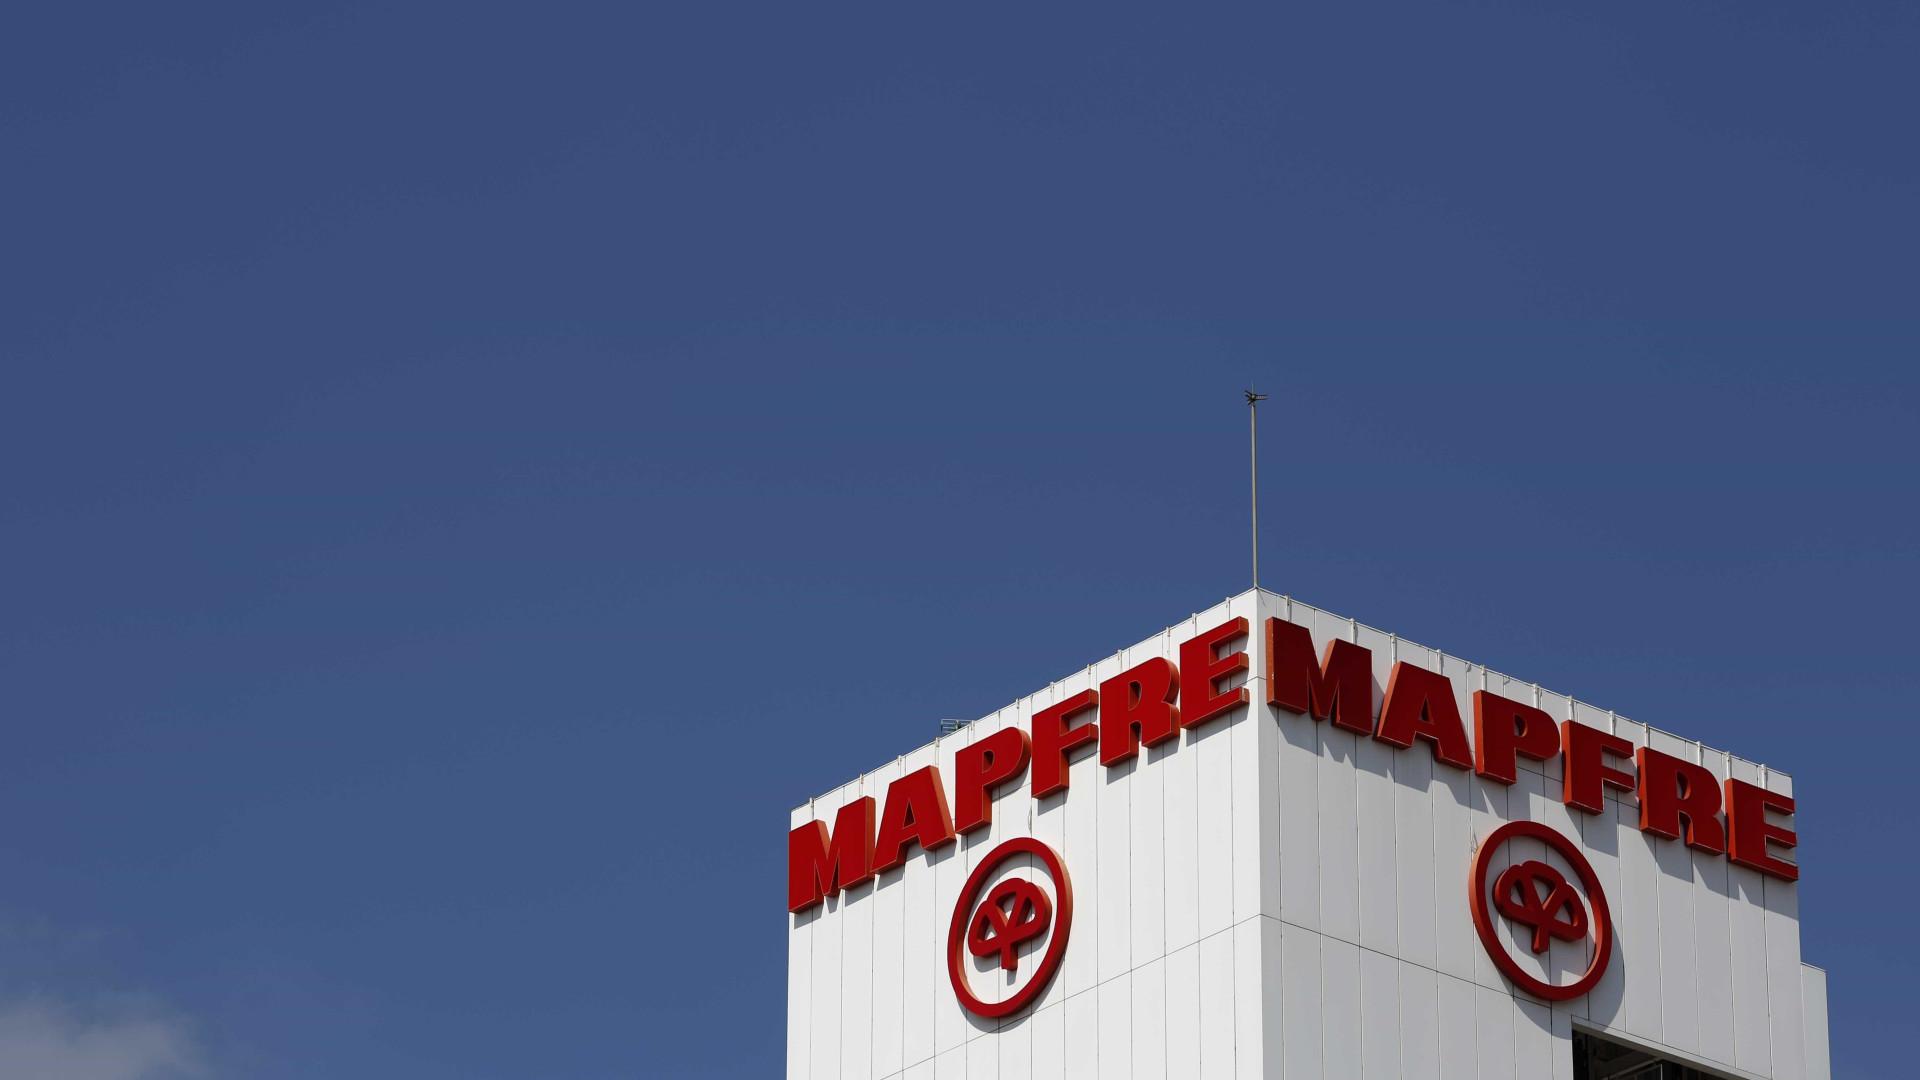 Volume de negócios da Mapfre quase triplicou em Portugal em 2016